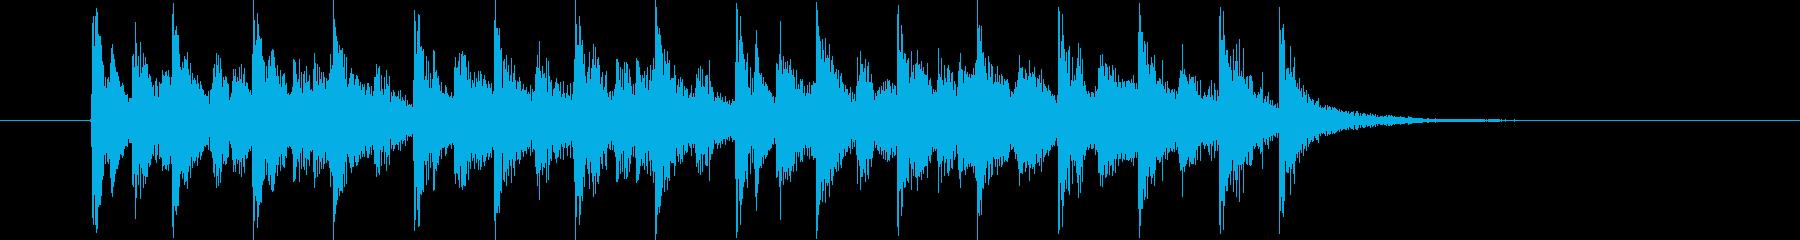 オリエンタルな10秒テクノジングルの再生済みの波形